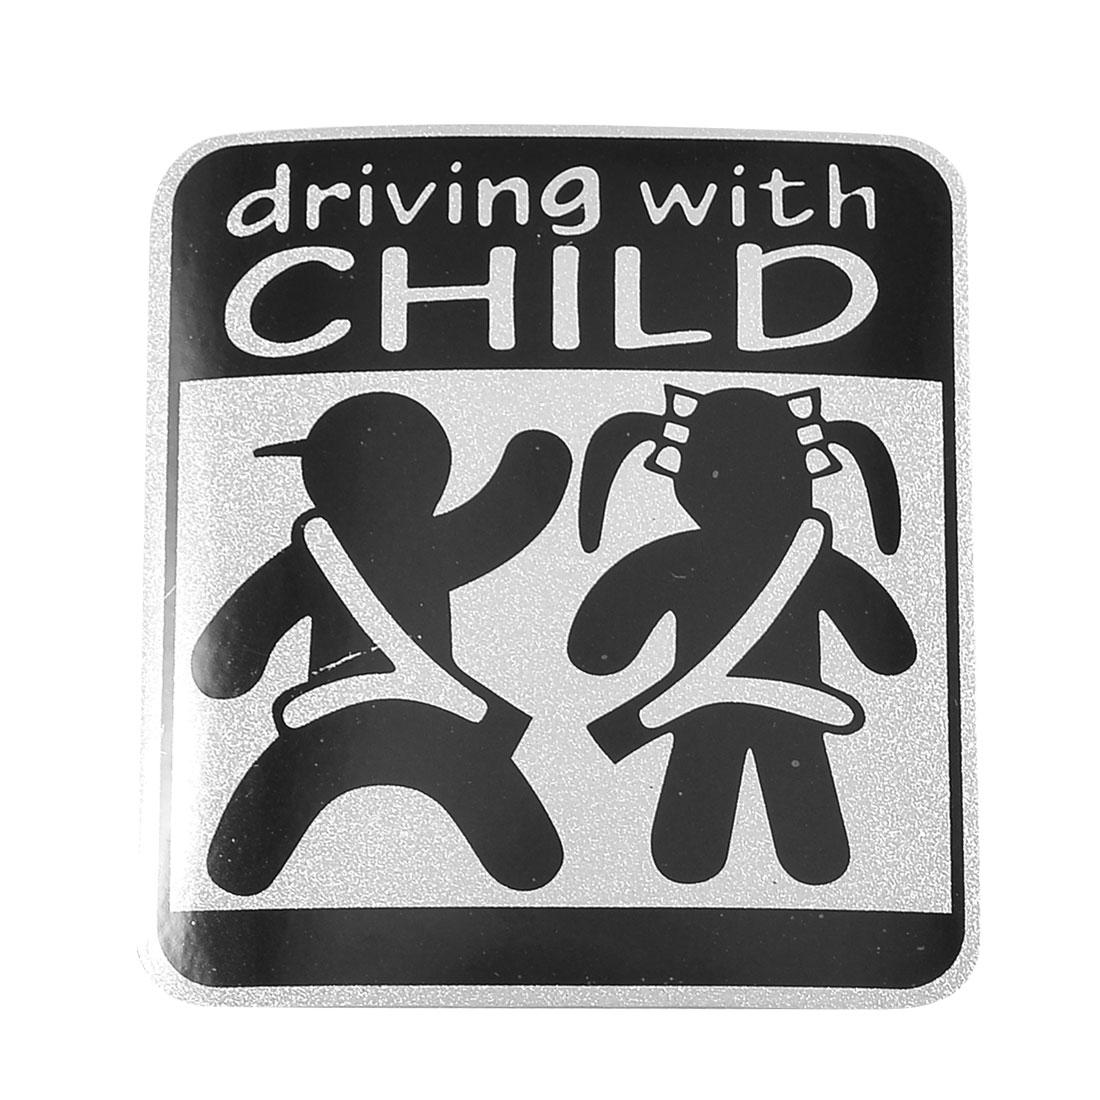 Car Auto Square Black Silver Tone Driving with Child Sticker